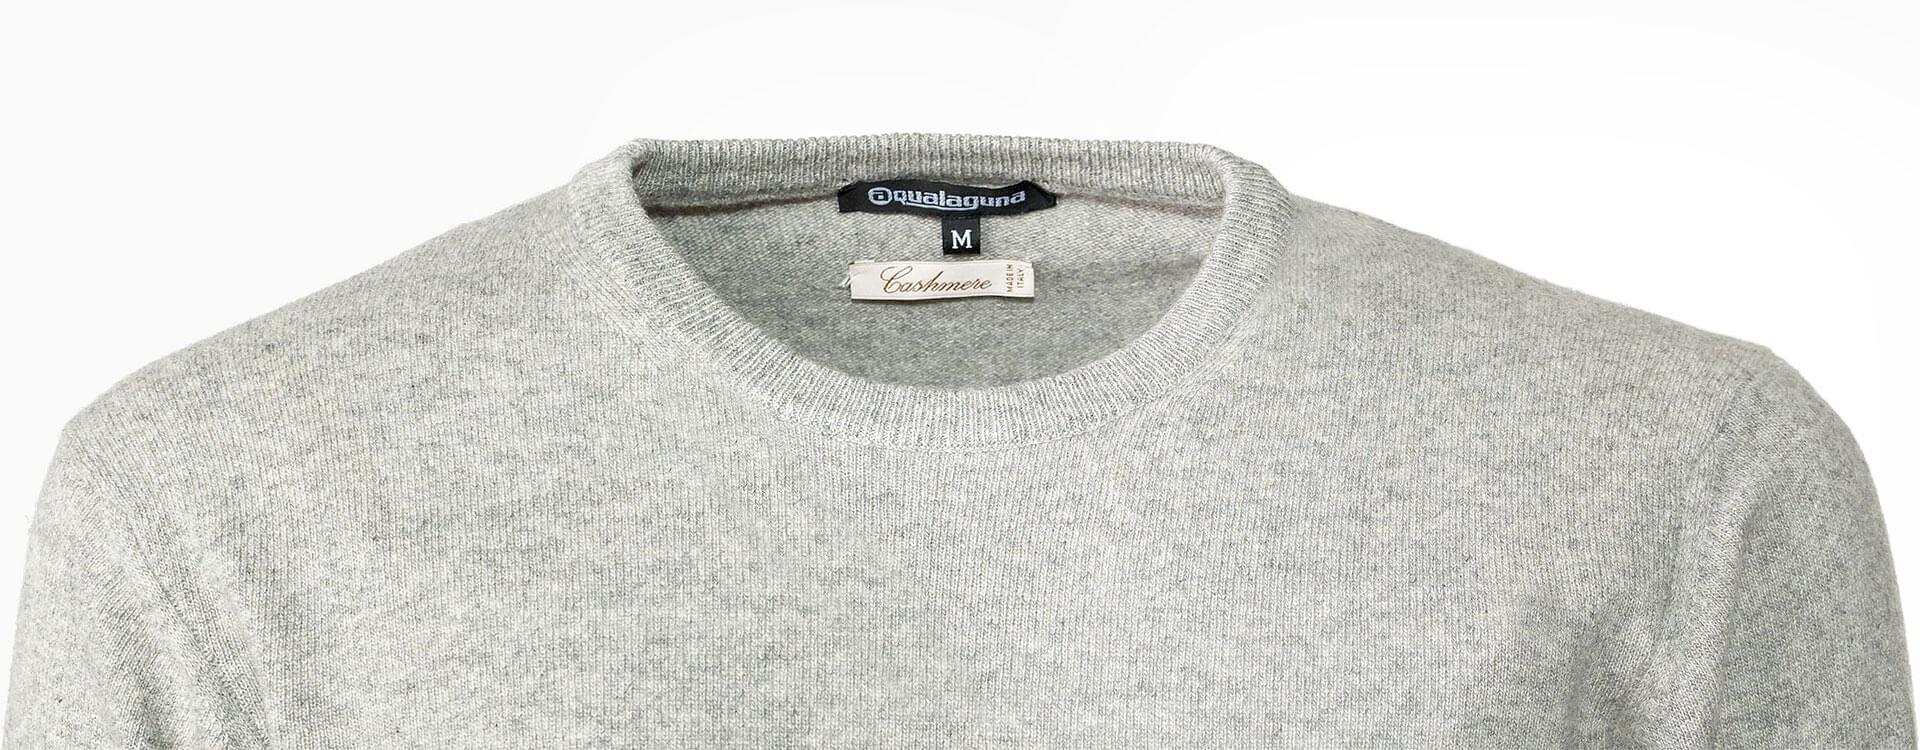 Aqualaguna Firenze - Realizzazione di maglieria in lana e cachemere